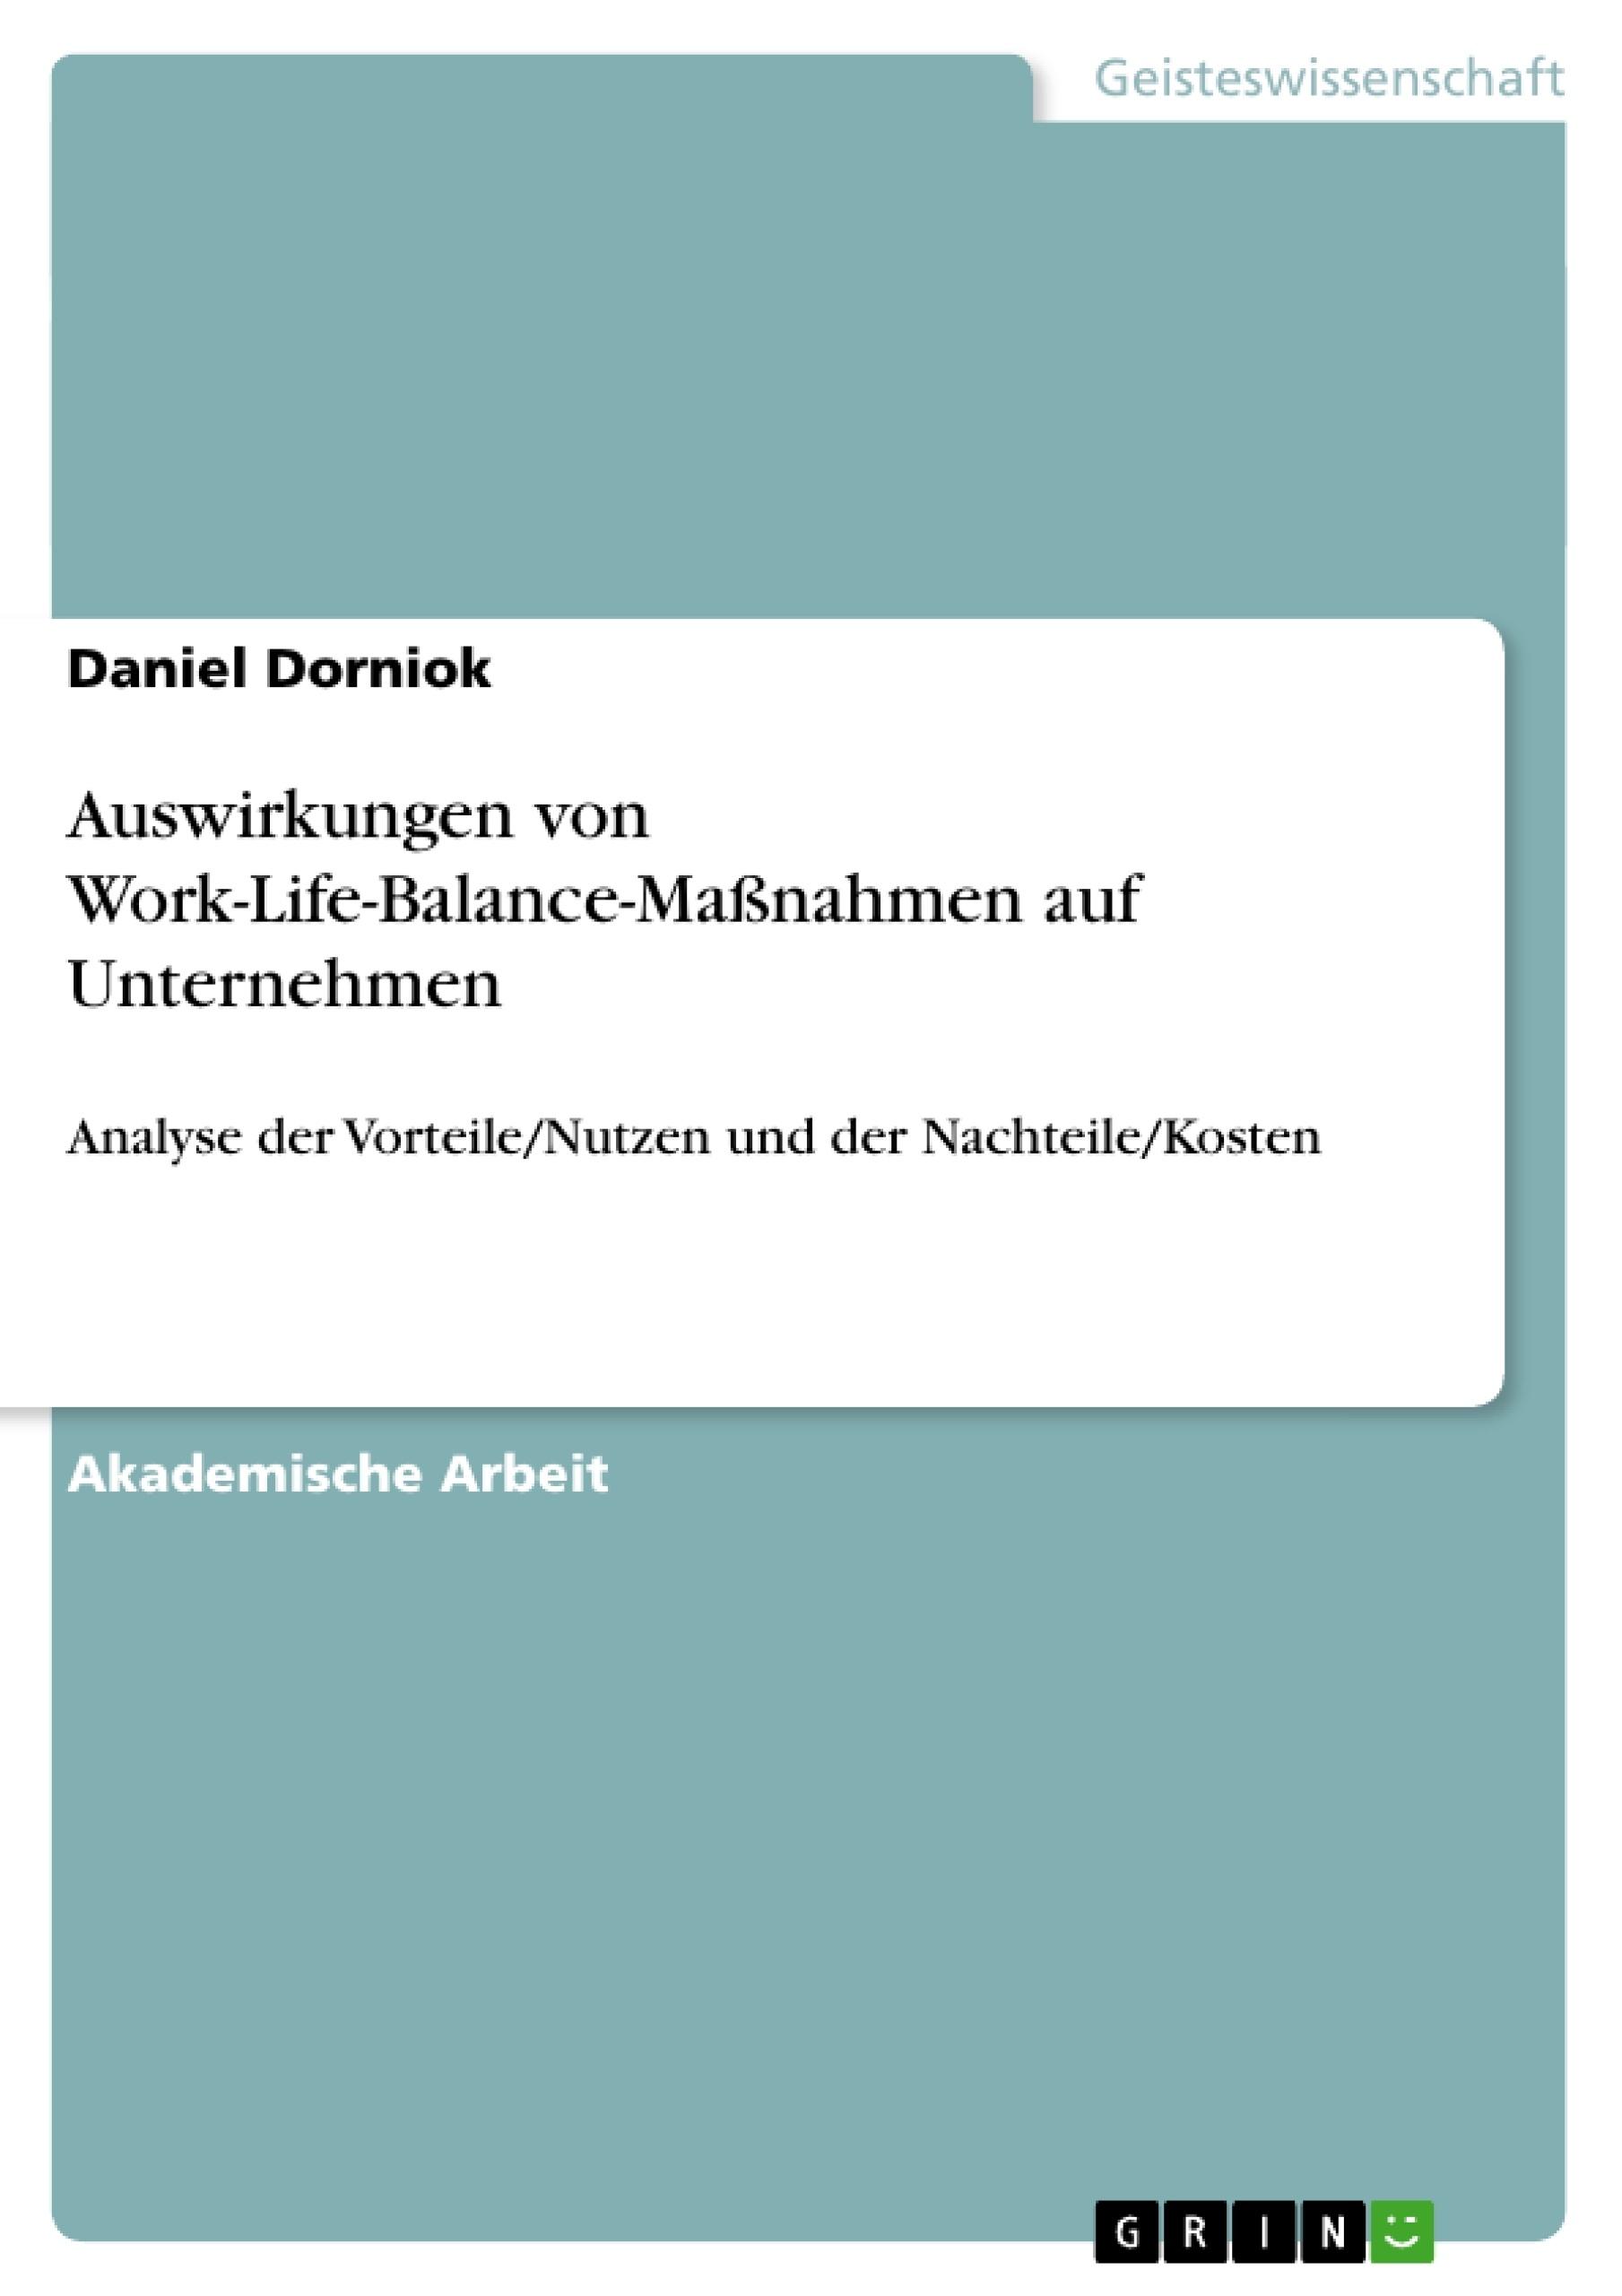 Titel: Auswirkungen von Work-Life-Balance-Maßnahmen auf Unternehmen